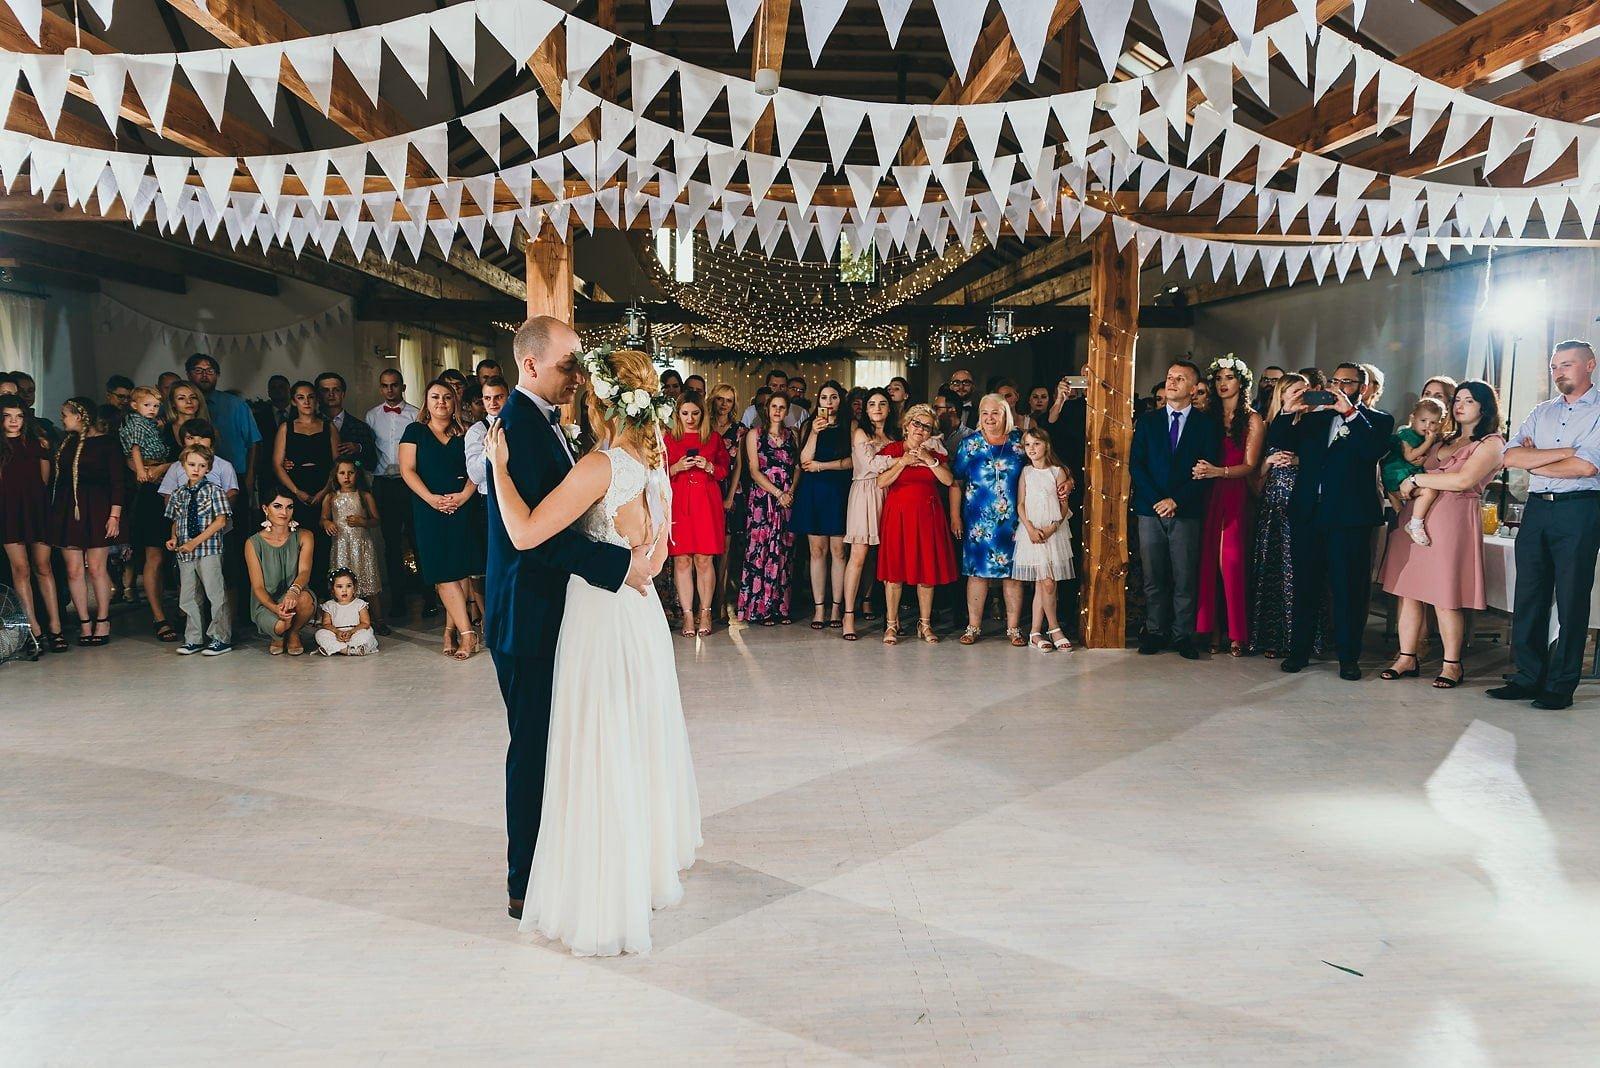 Justyna i Szymon - plenerowy ślub w stylu boho 62